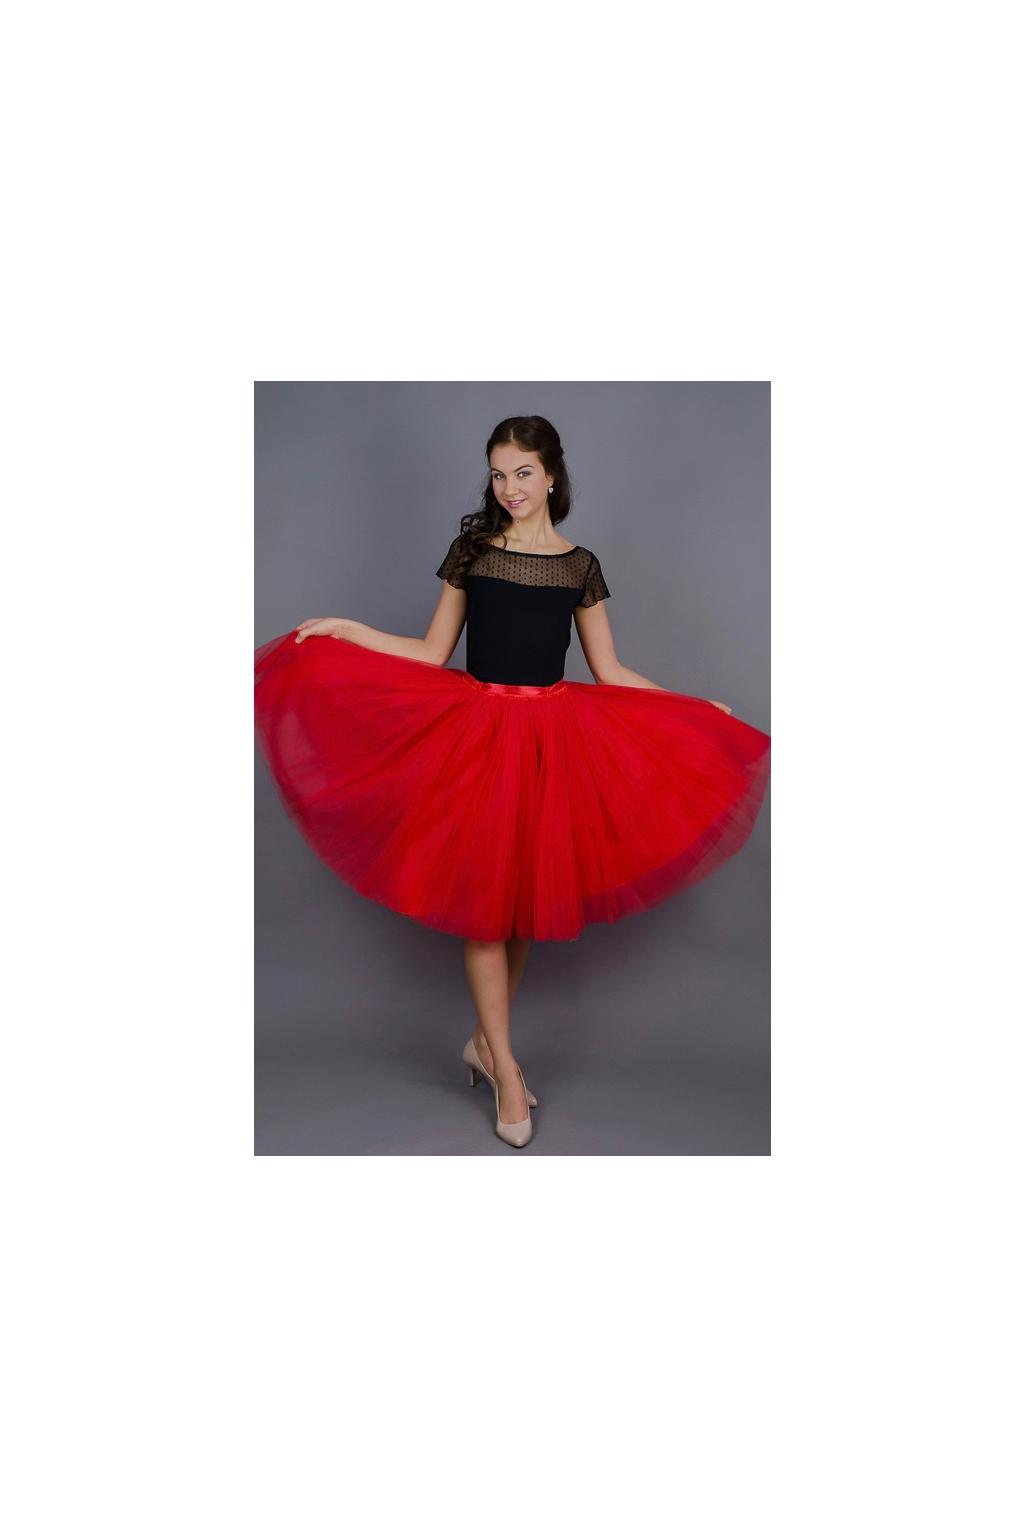 Dámská tylová TUTU sukně červená - MiaBella f7c71ab6a4